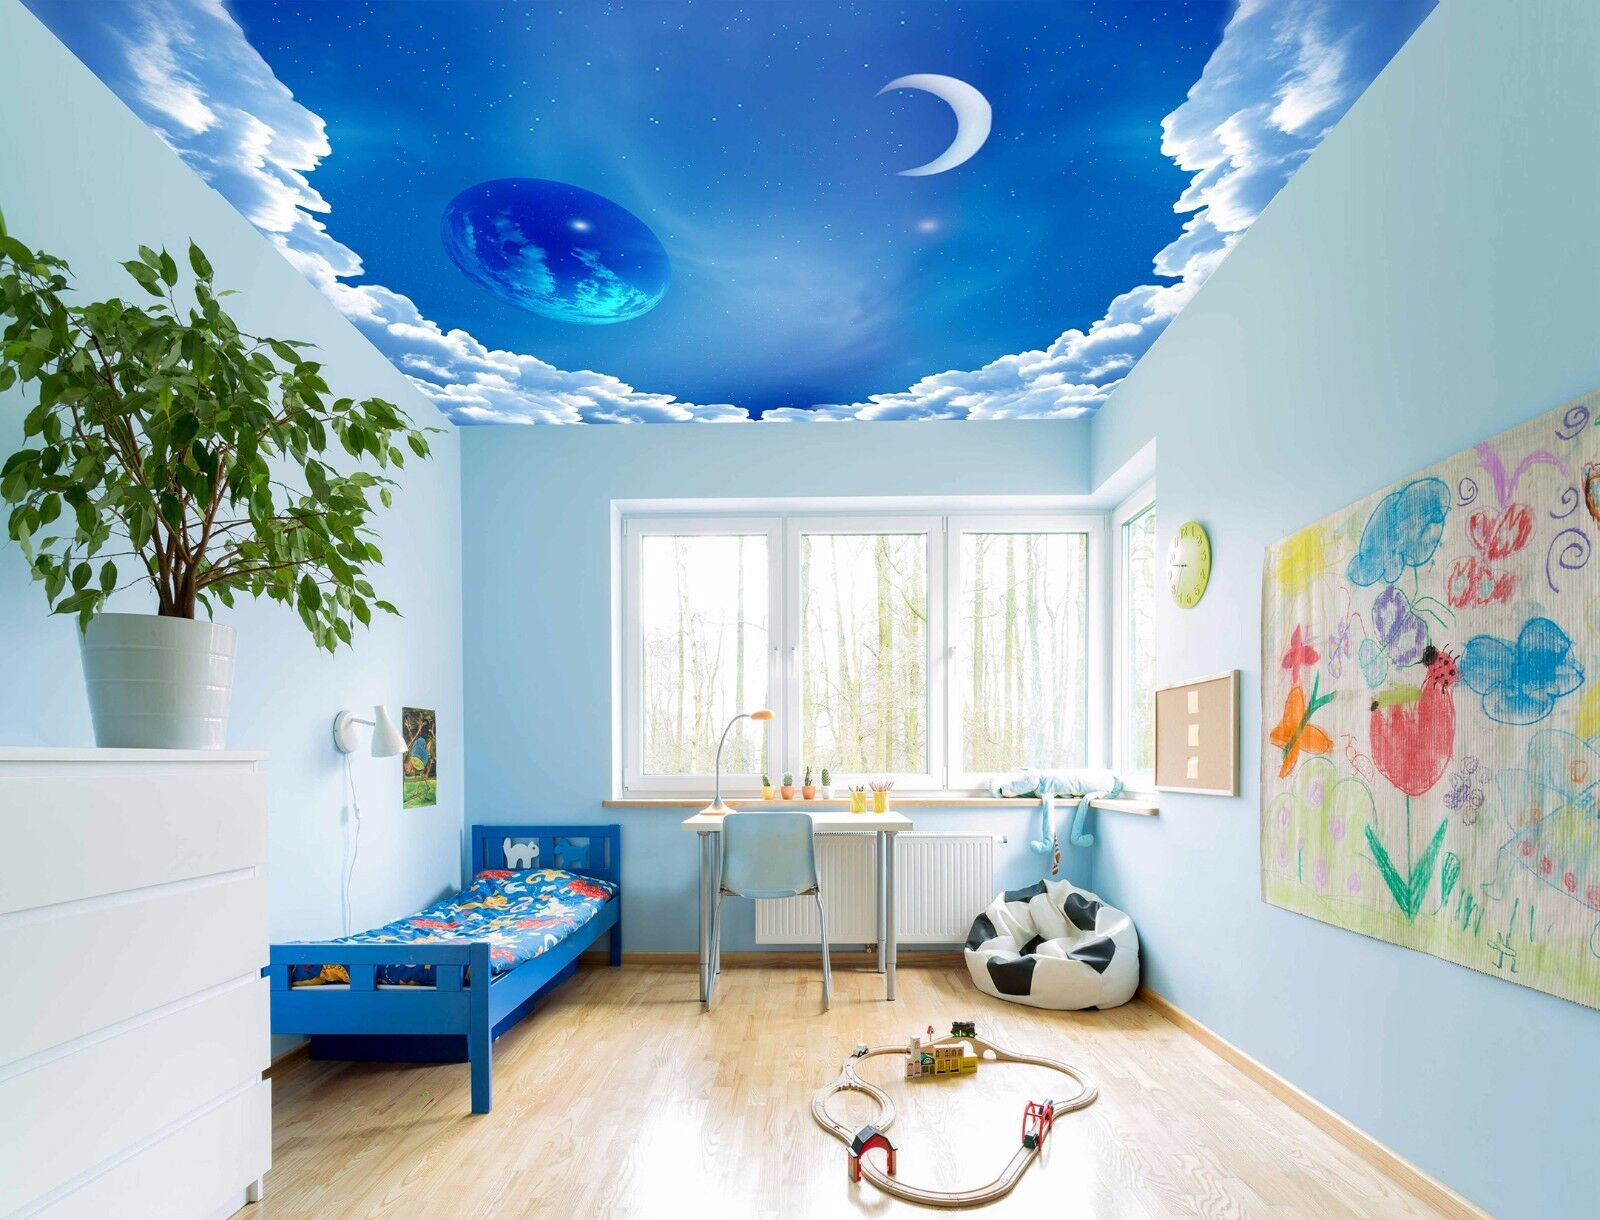 3D Moon Earth Sky 74 Ceiling WallPaper Murals Wall Print Decal Deco AJ WALLPAPER